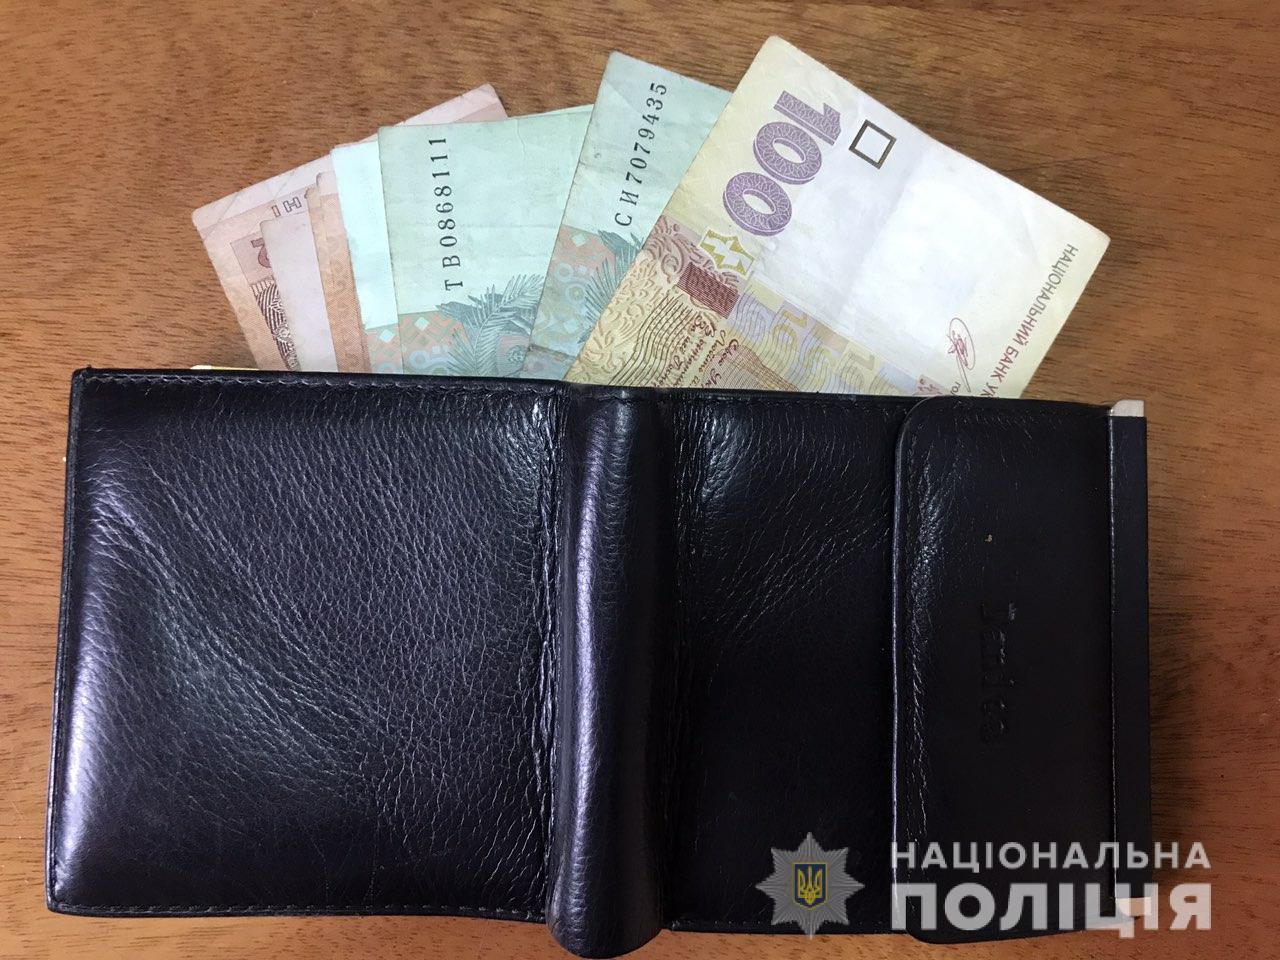 Троє підлітків пограбували 14-річну дівчину в Ужгороді